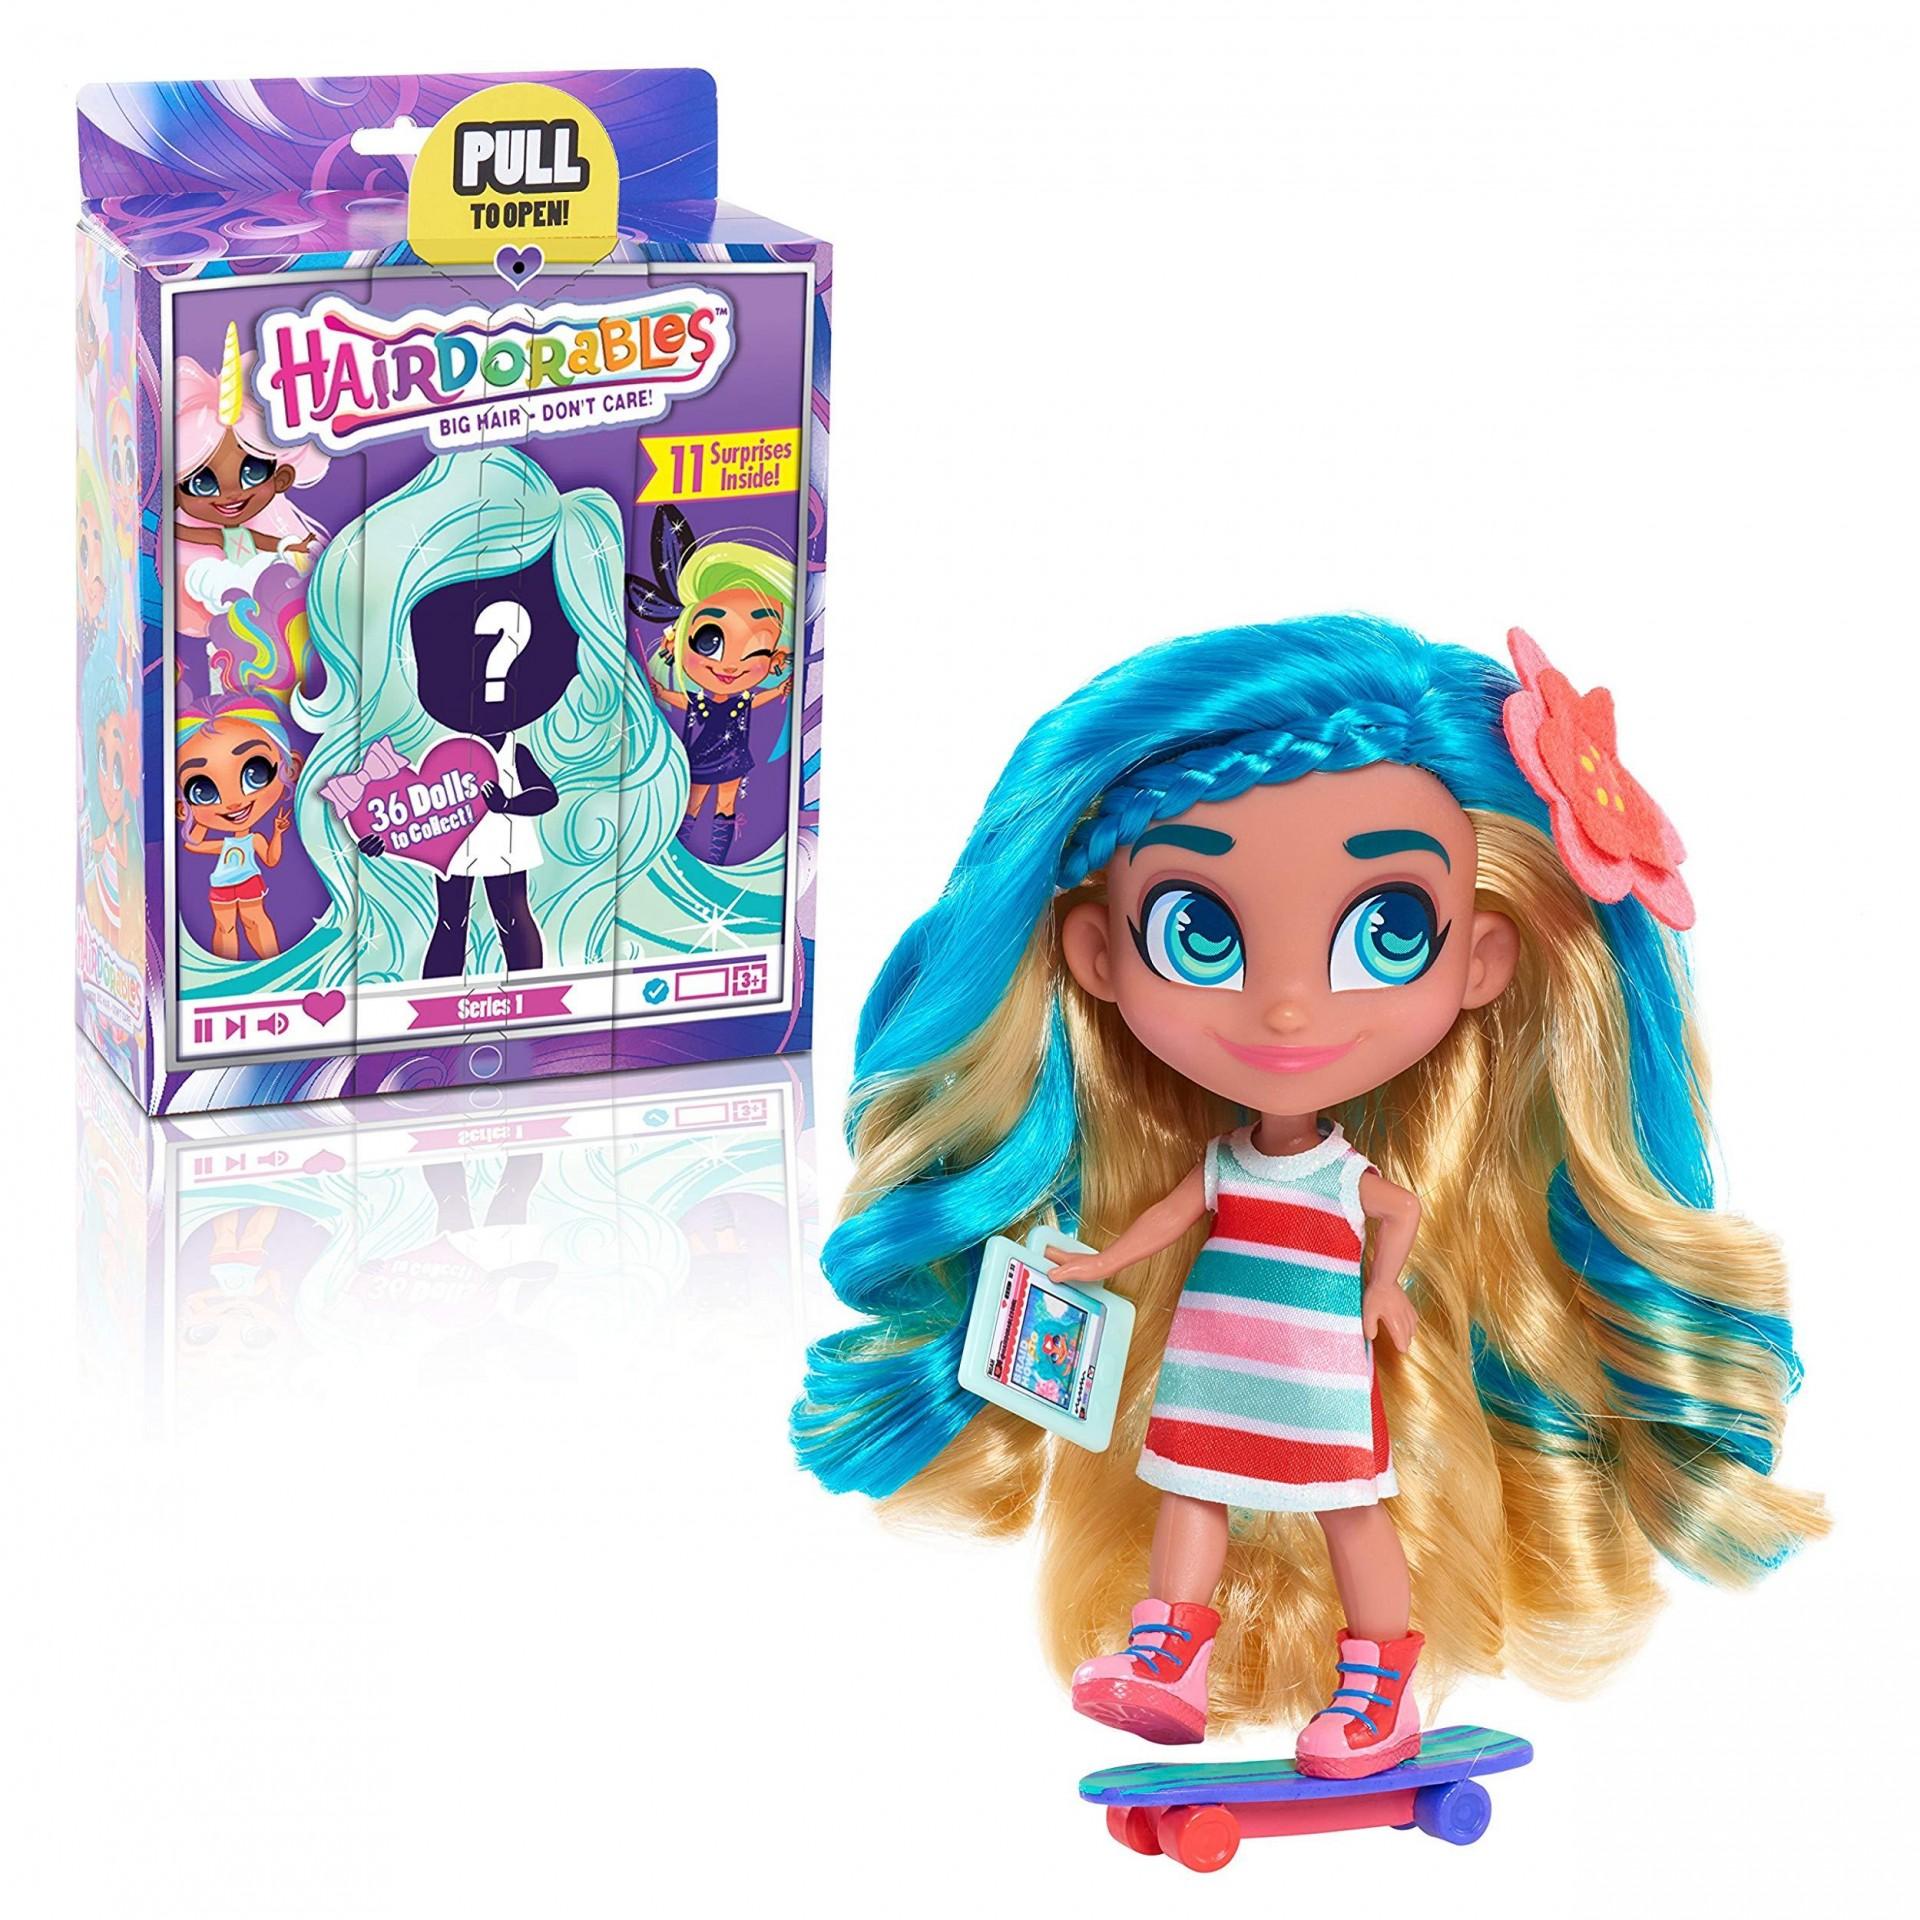 Купить Кукла Hairdorables серия 1 с аксессуарами от